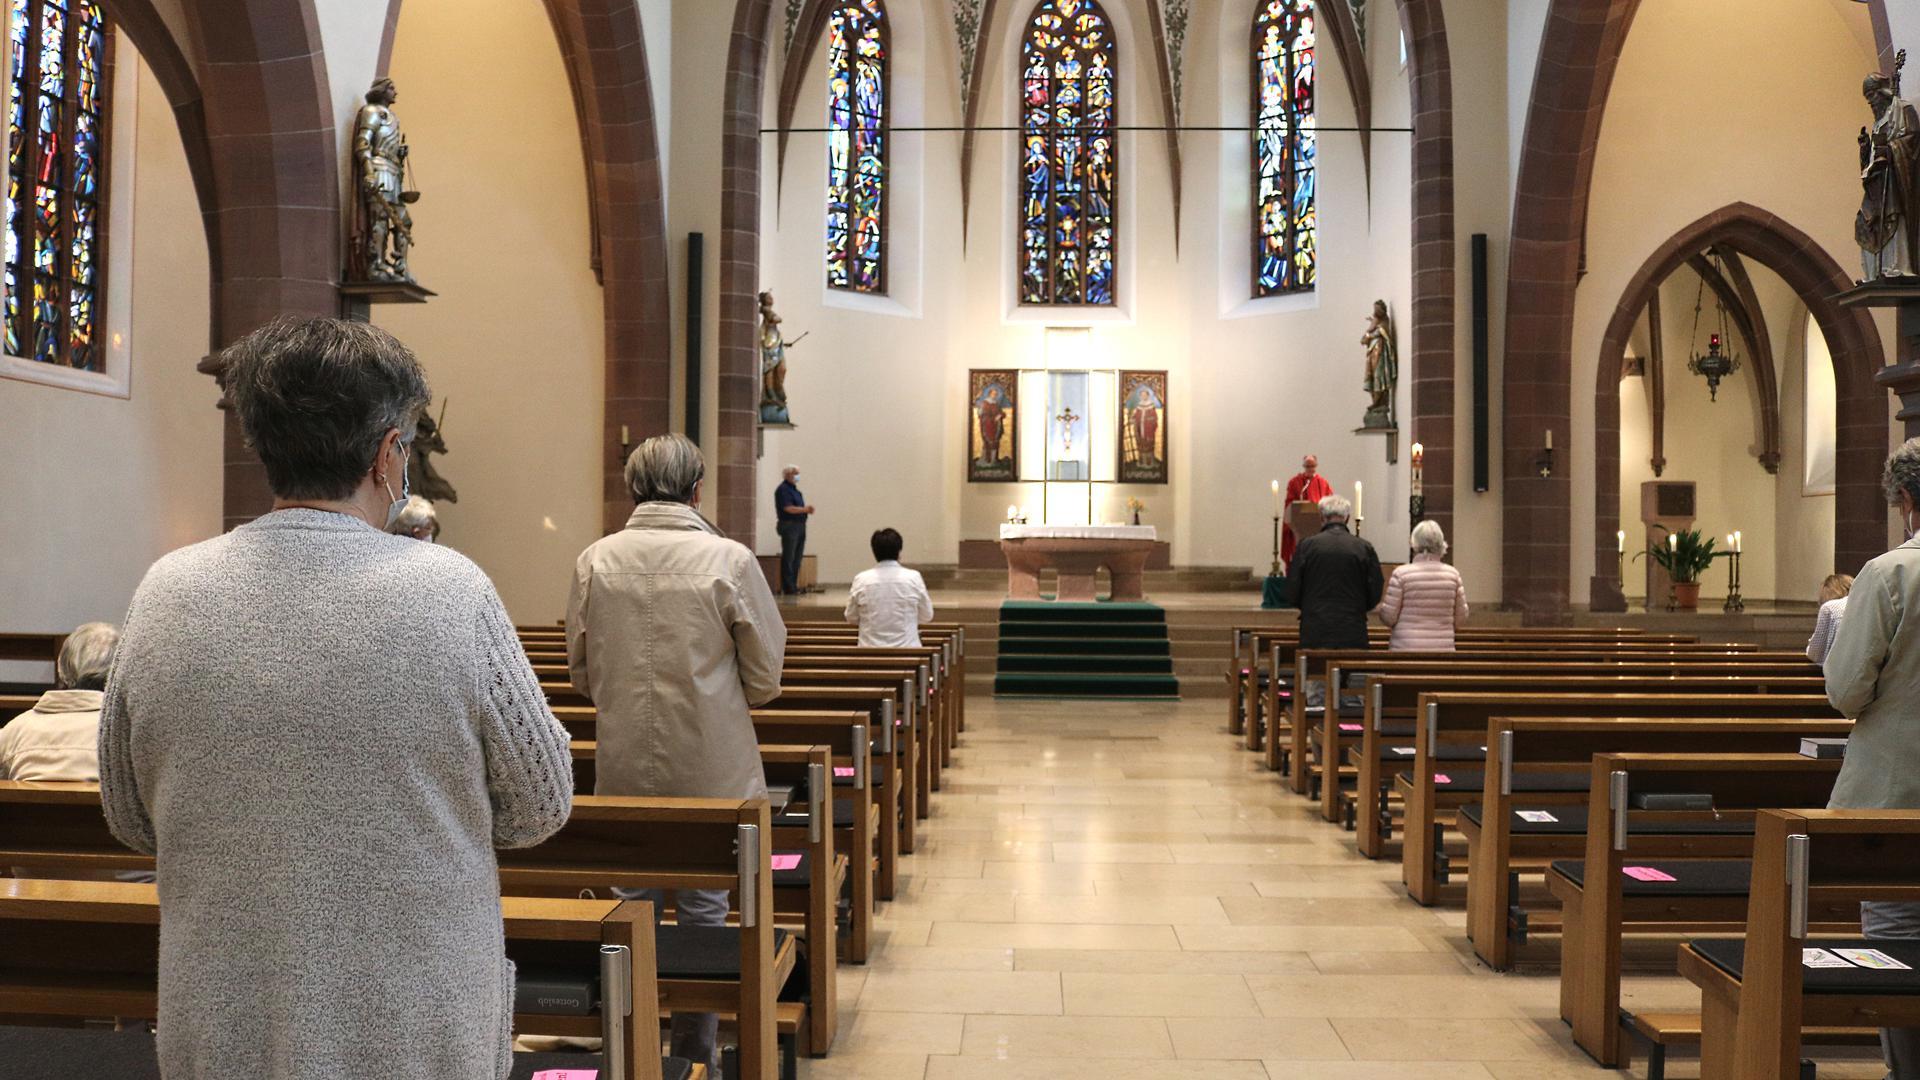 Spärlich besucht: Die Besucherzahlen in den Gottesdiensten haben im Vergleich zu vor der Pandemie deutlich abgenommen. Obwohl wieder gesungen werden darf.